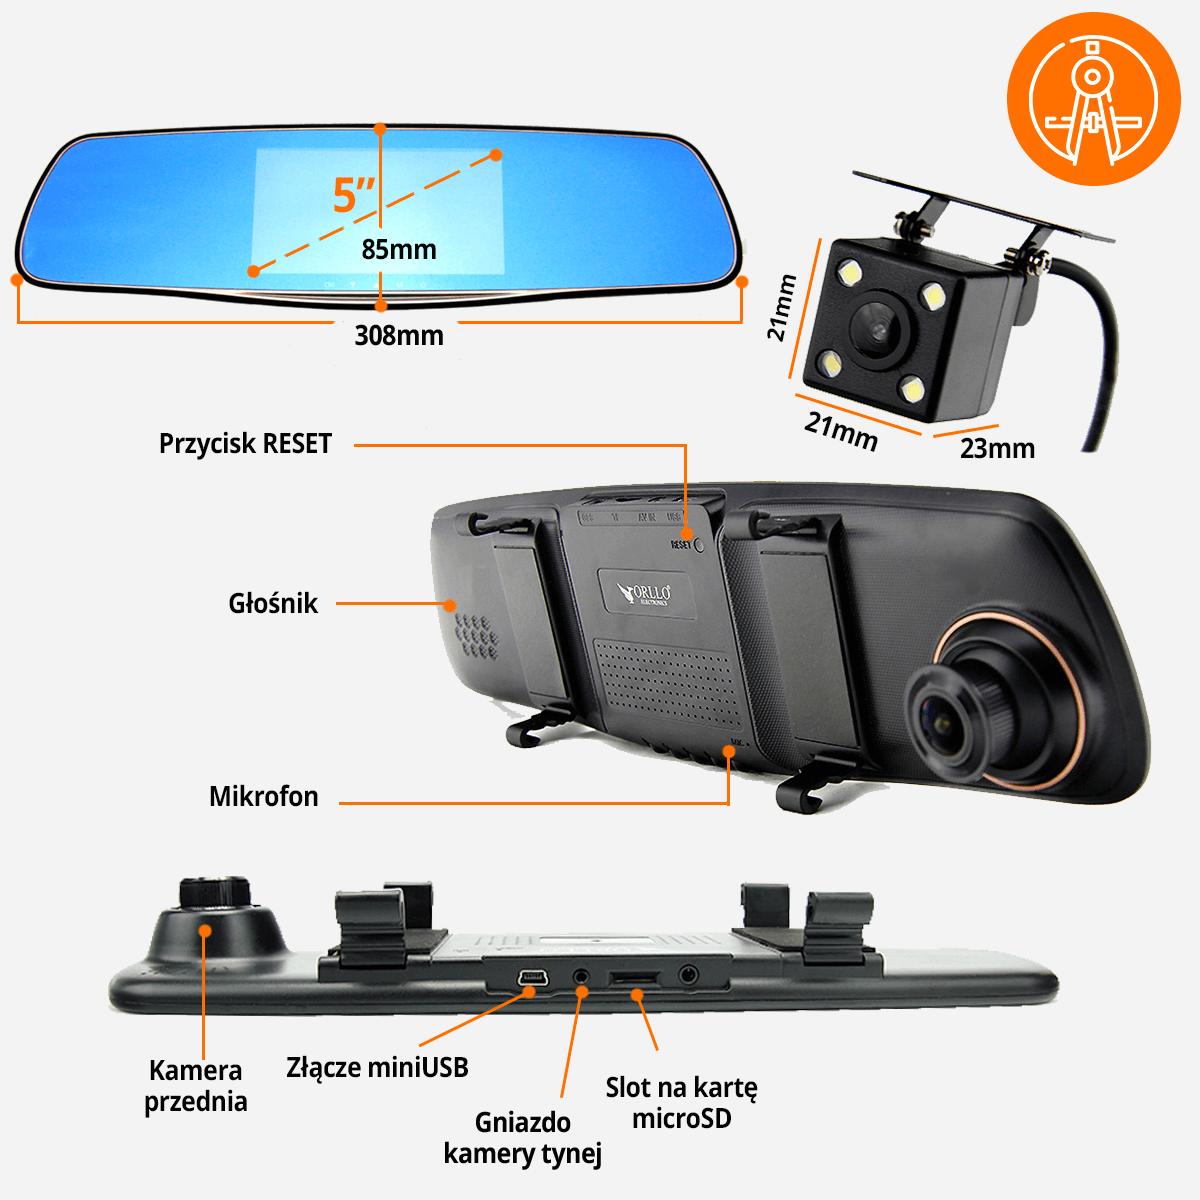 kamera-samochodowa-specyfikacja-LX40DUAL-orllo-pl